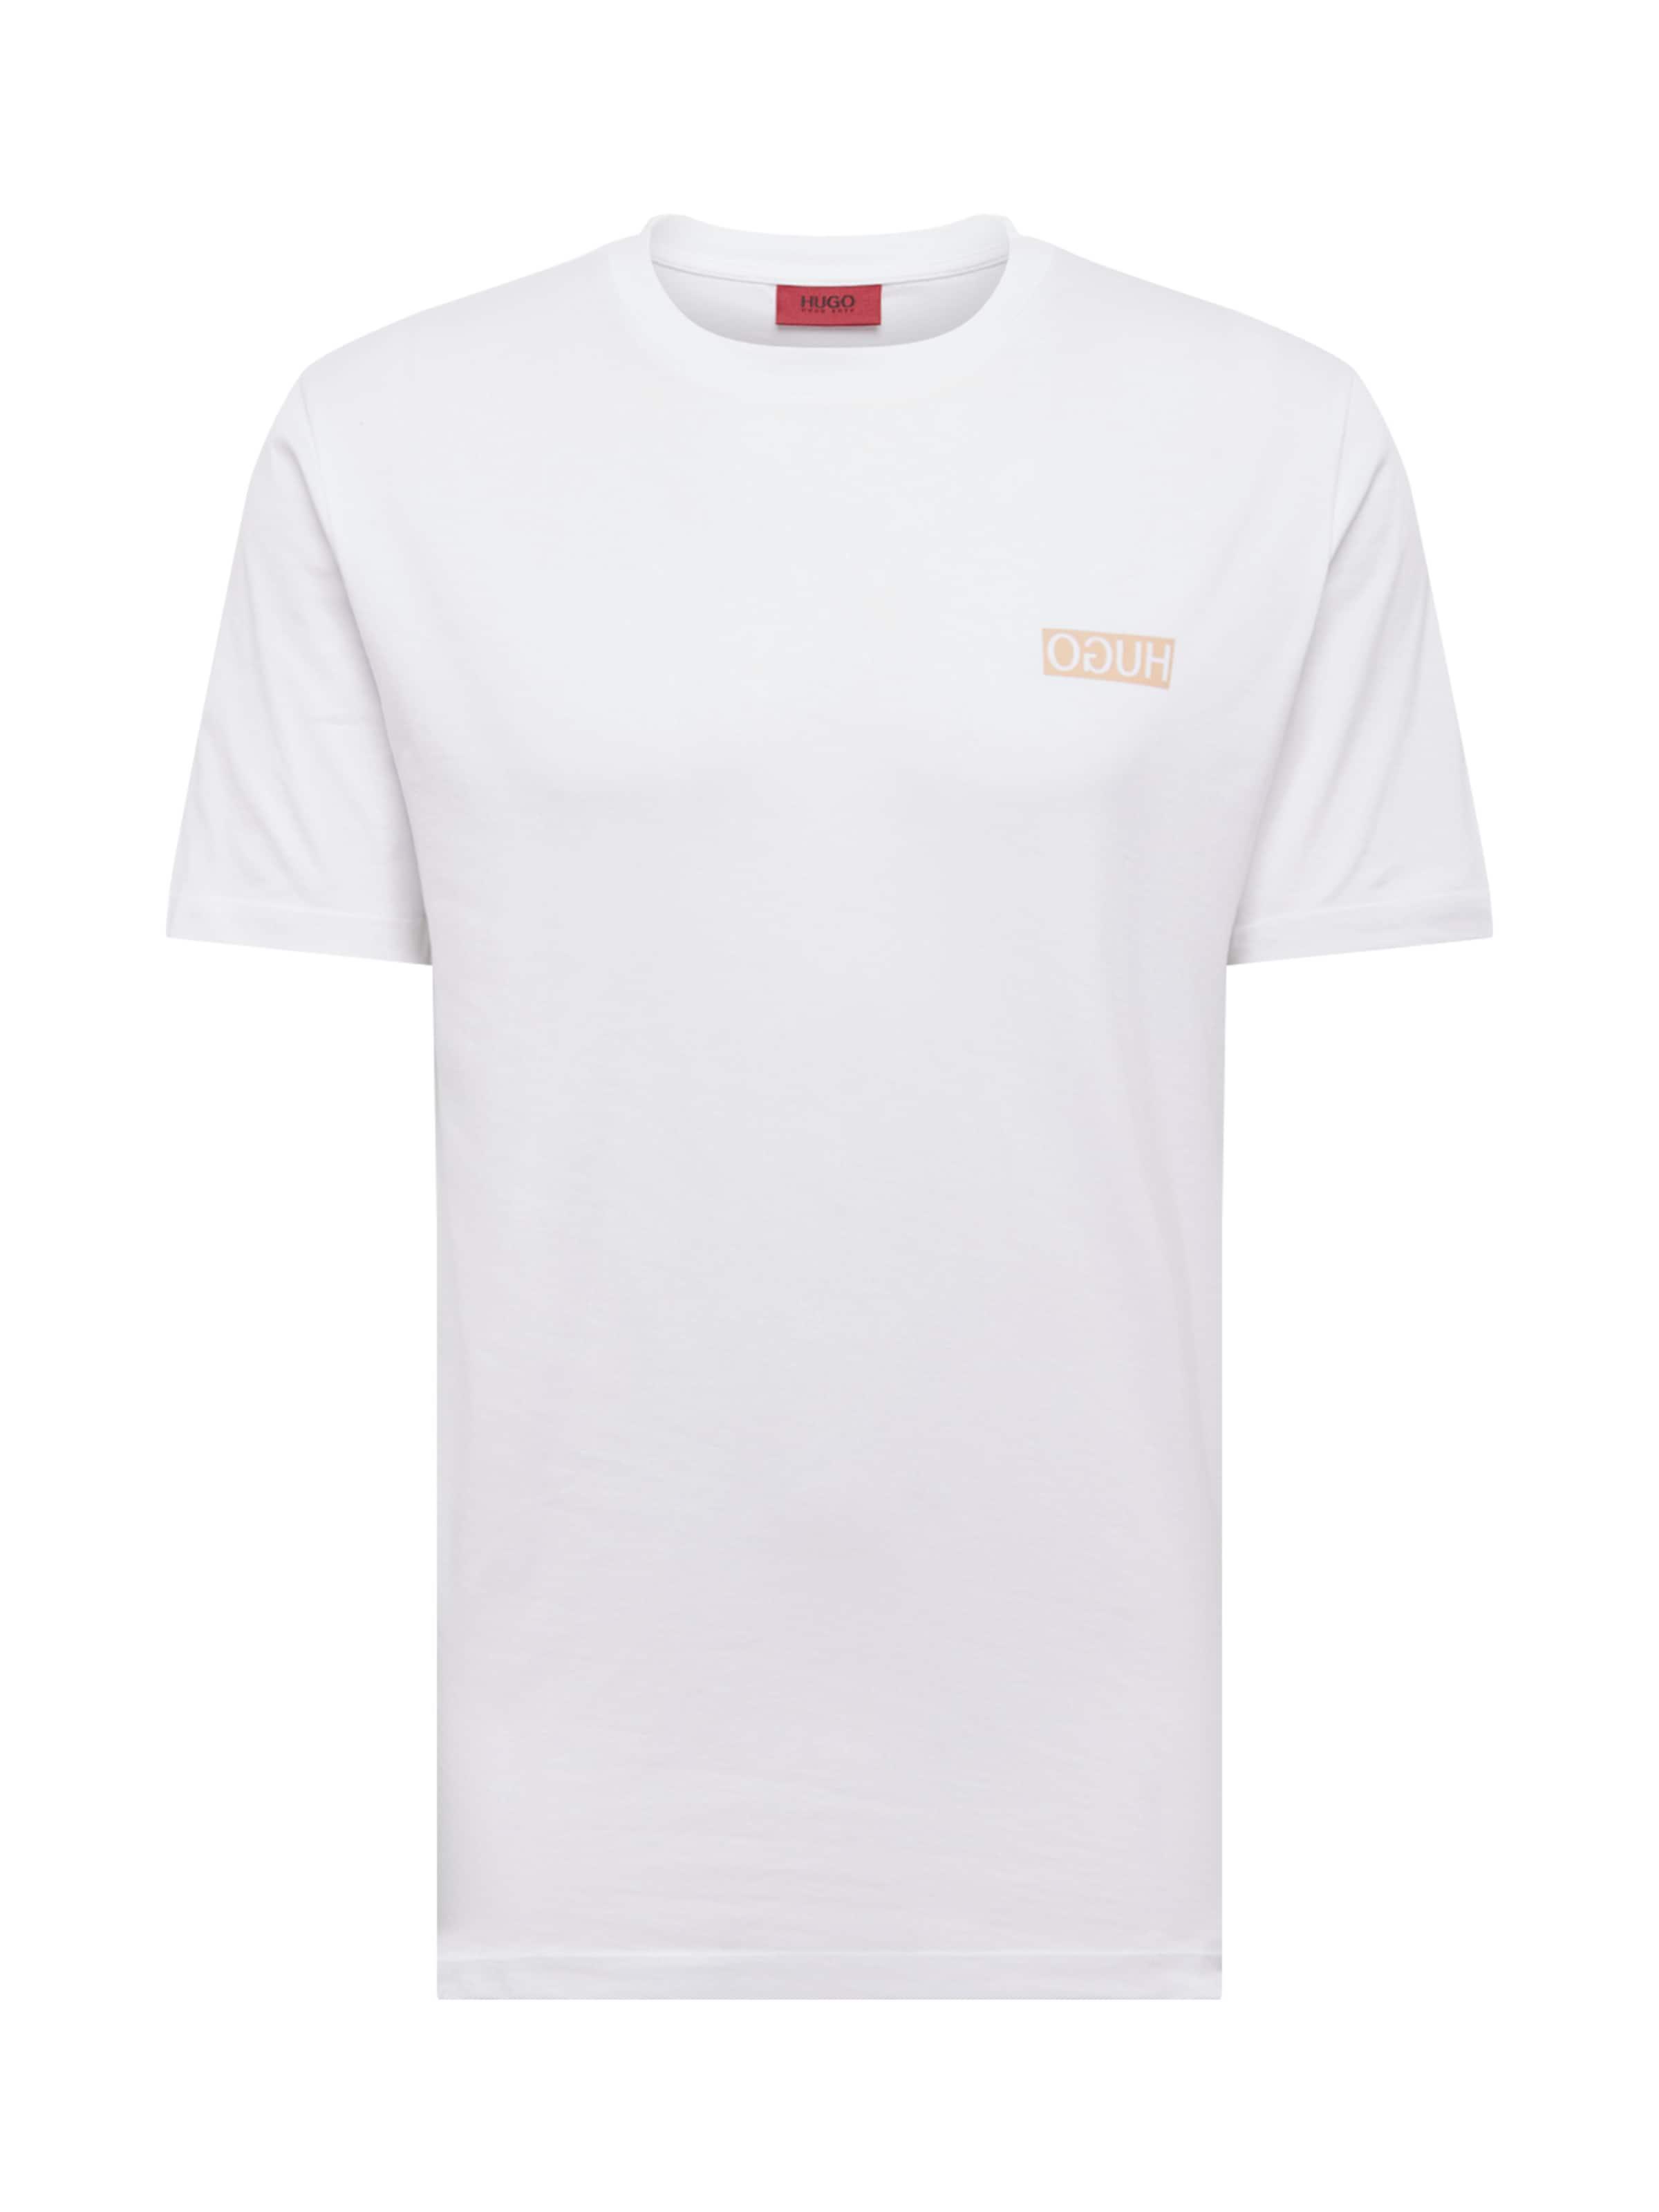 'durn193 T En da 10201206 shirt Hugo 01' Noir D29WEIH